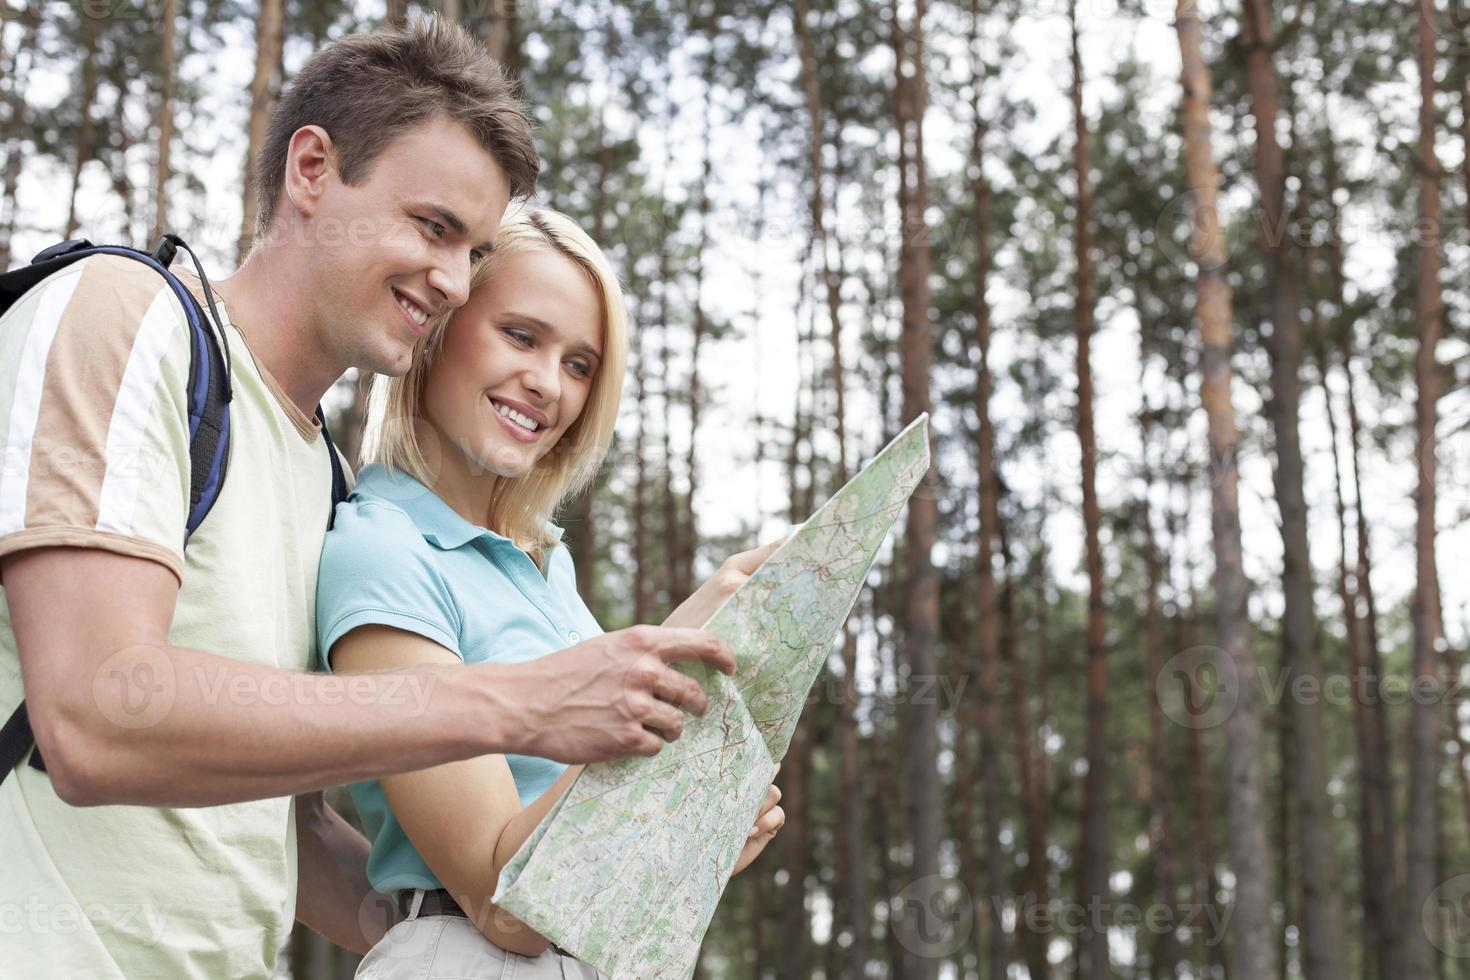 glückliche junge Rucksacktouristen, die Karte im Wald betrachten foto